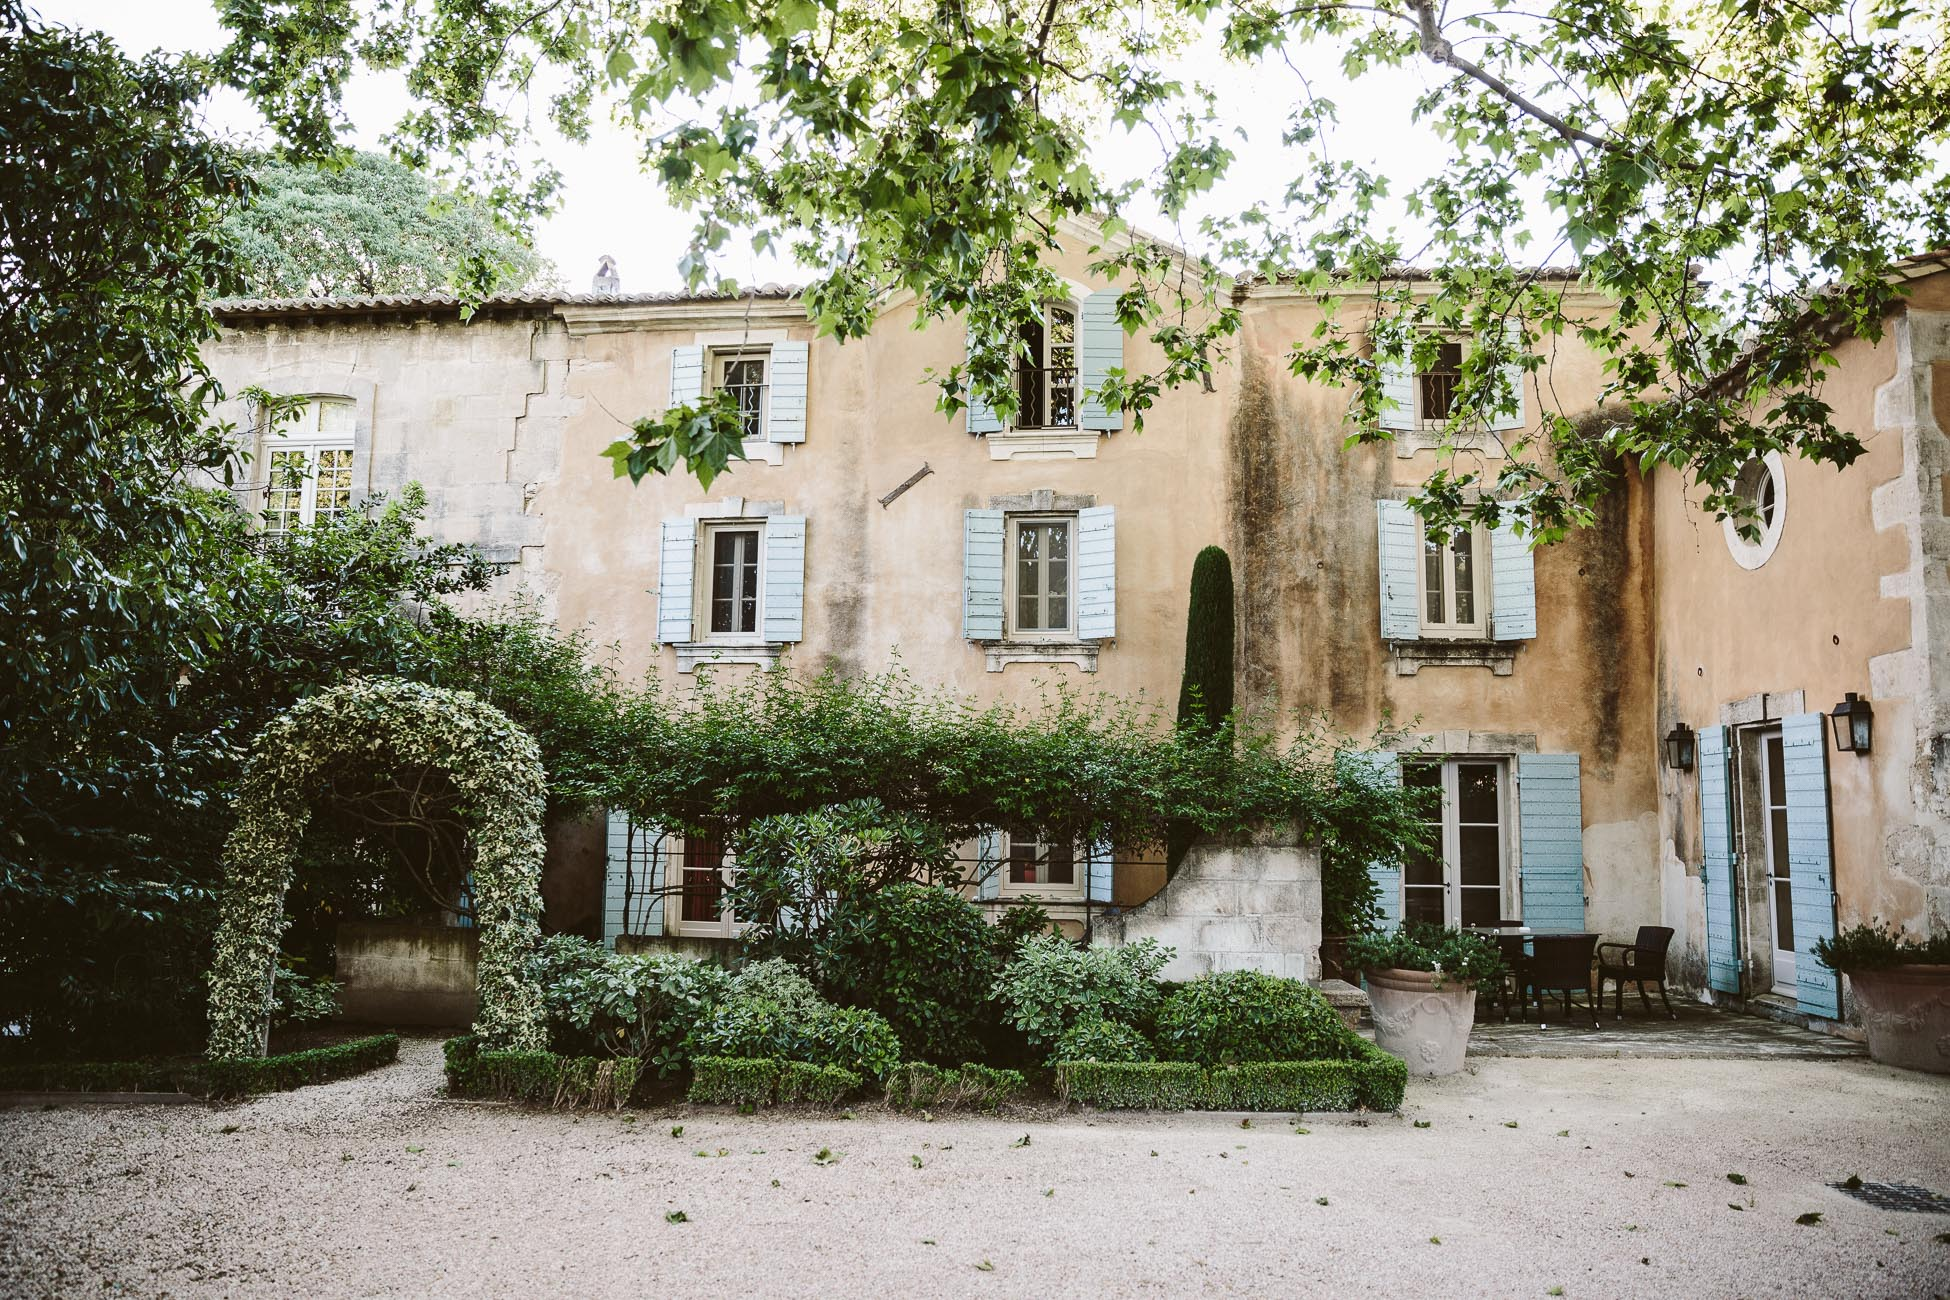 Baumanière Hotel Les Baux Provence